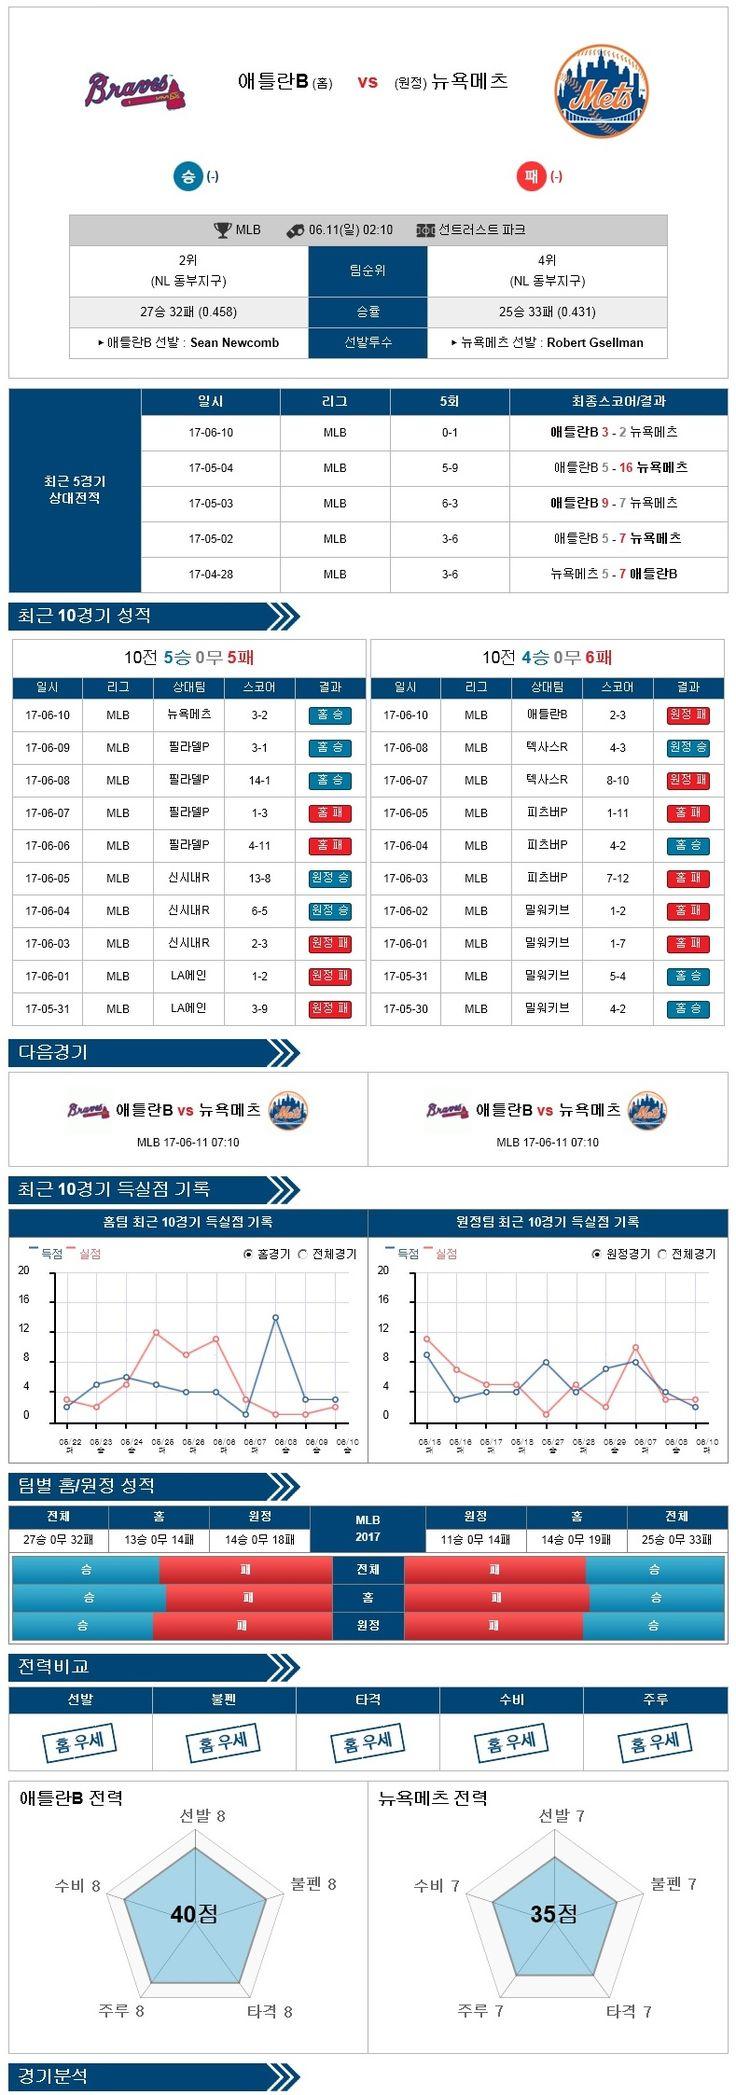 [MLB] 6월 11일 야구분석픽 애틀랜타 vs  뉴욕메츠 ★토토군 분석픽★